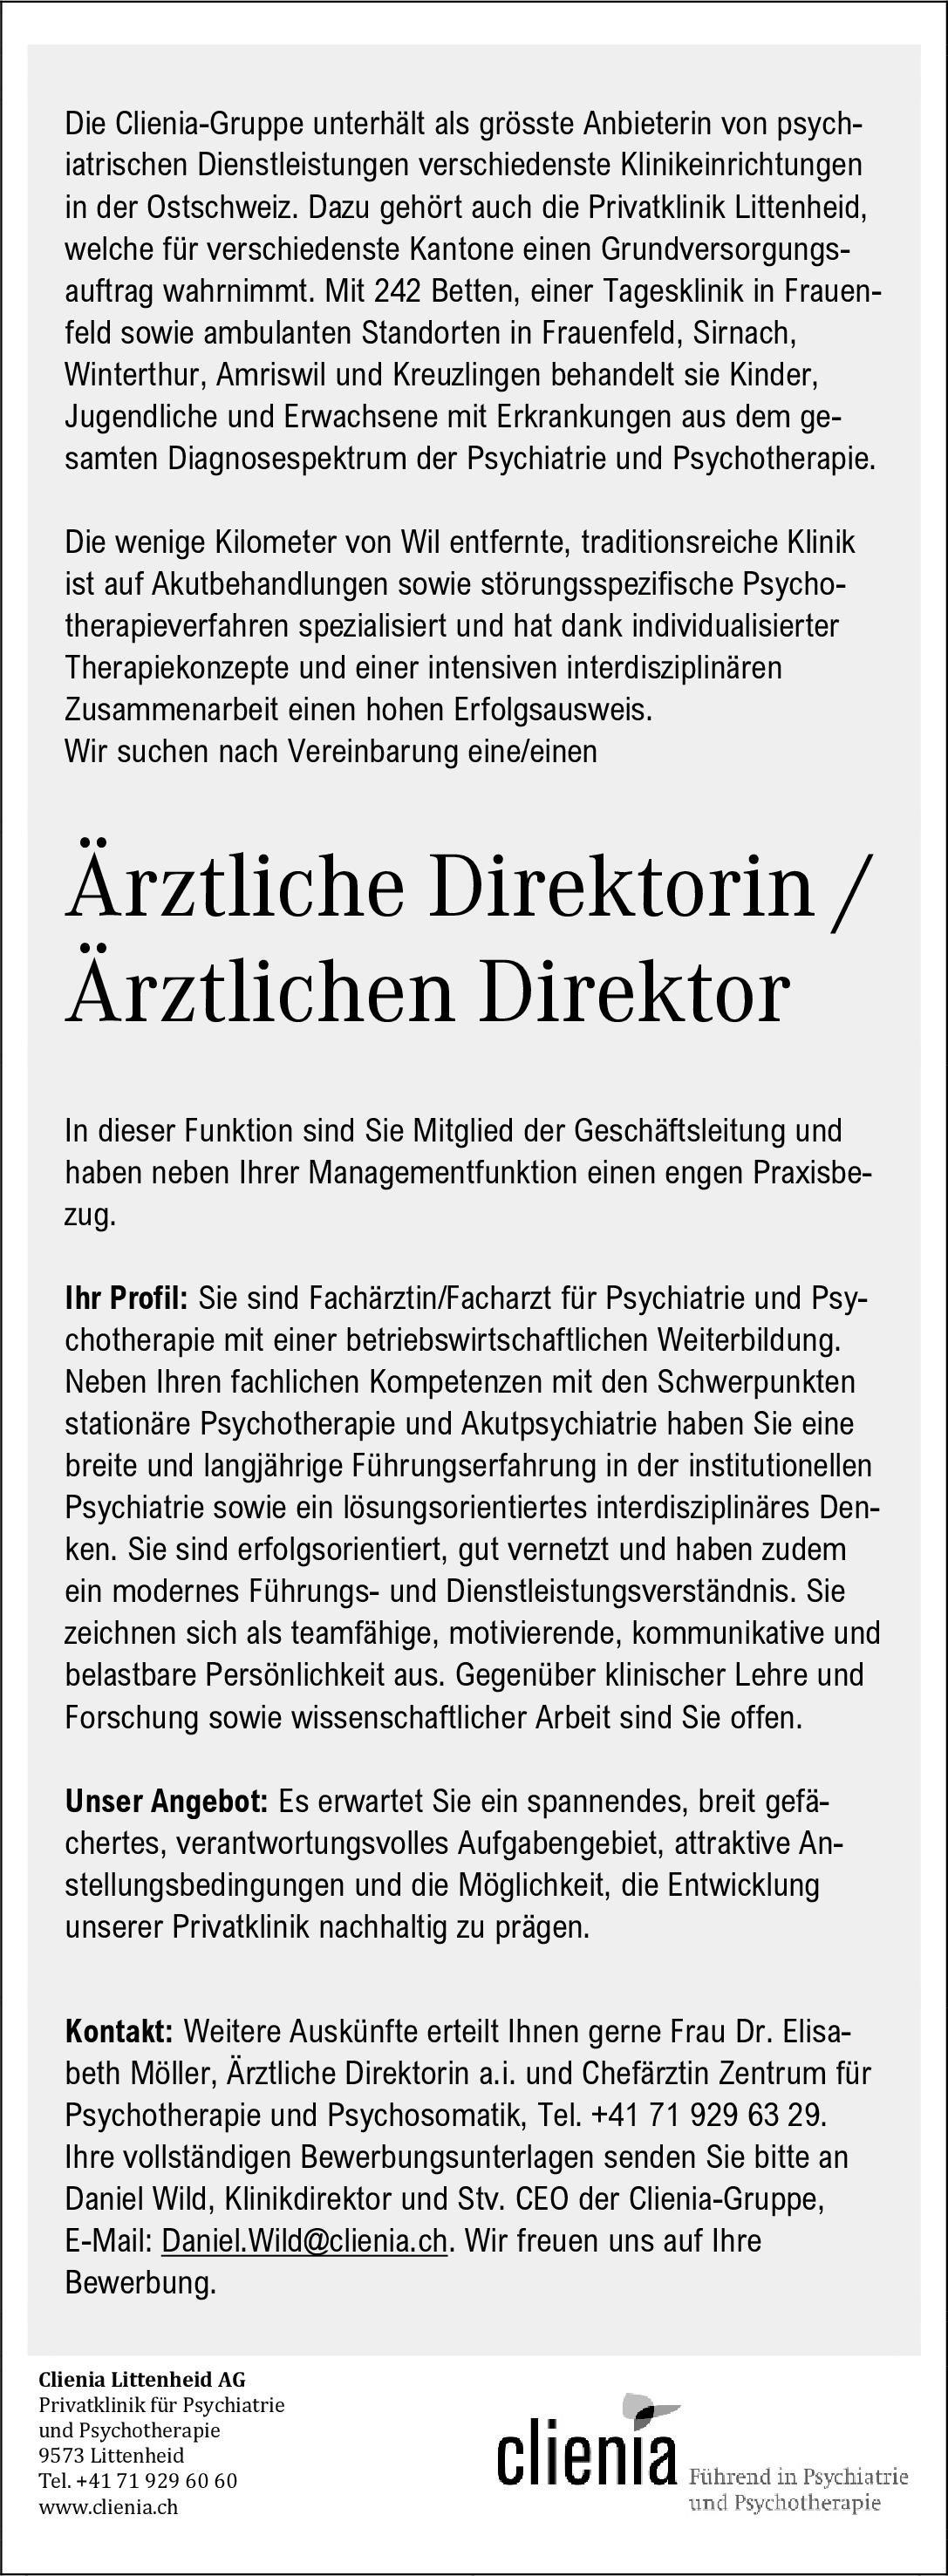 Clienia-Gruppe Ärztliche Direktorin / Ärztlicher Direktor  Psychiatrie und Psychotherapie, Psychiatrie und Psychotherapie Ärztl. Geschäftsführer / Direktor